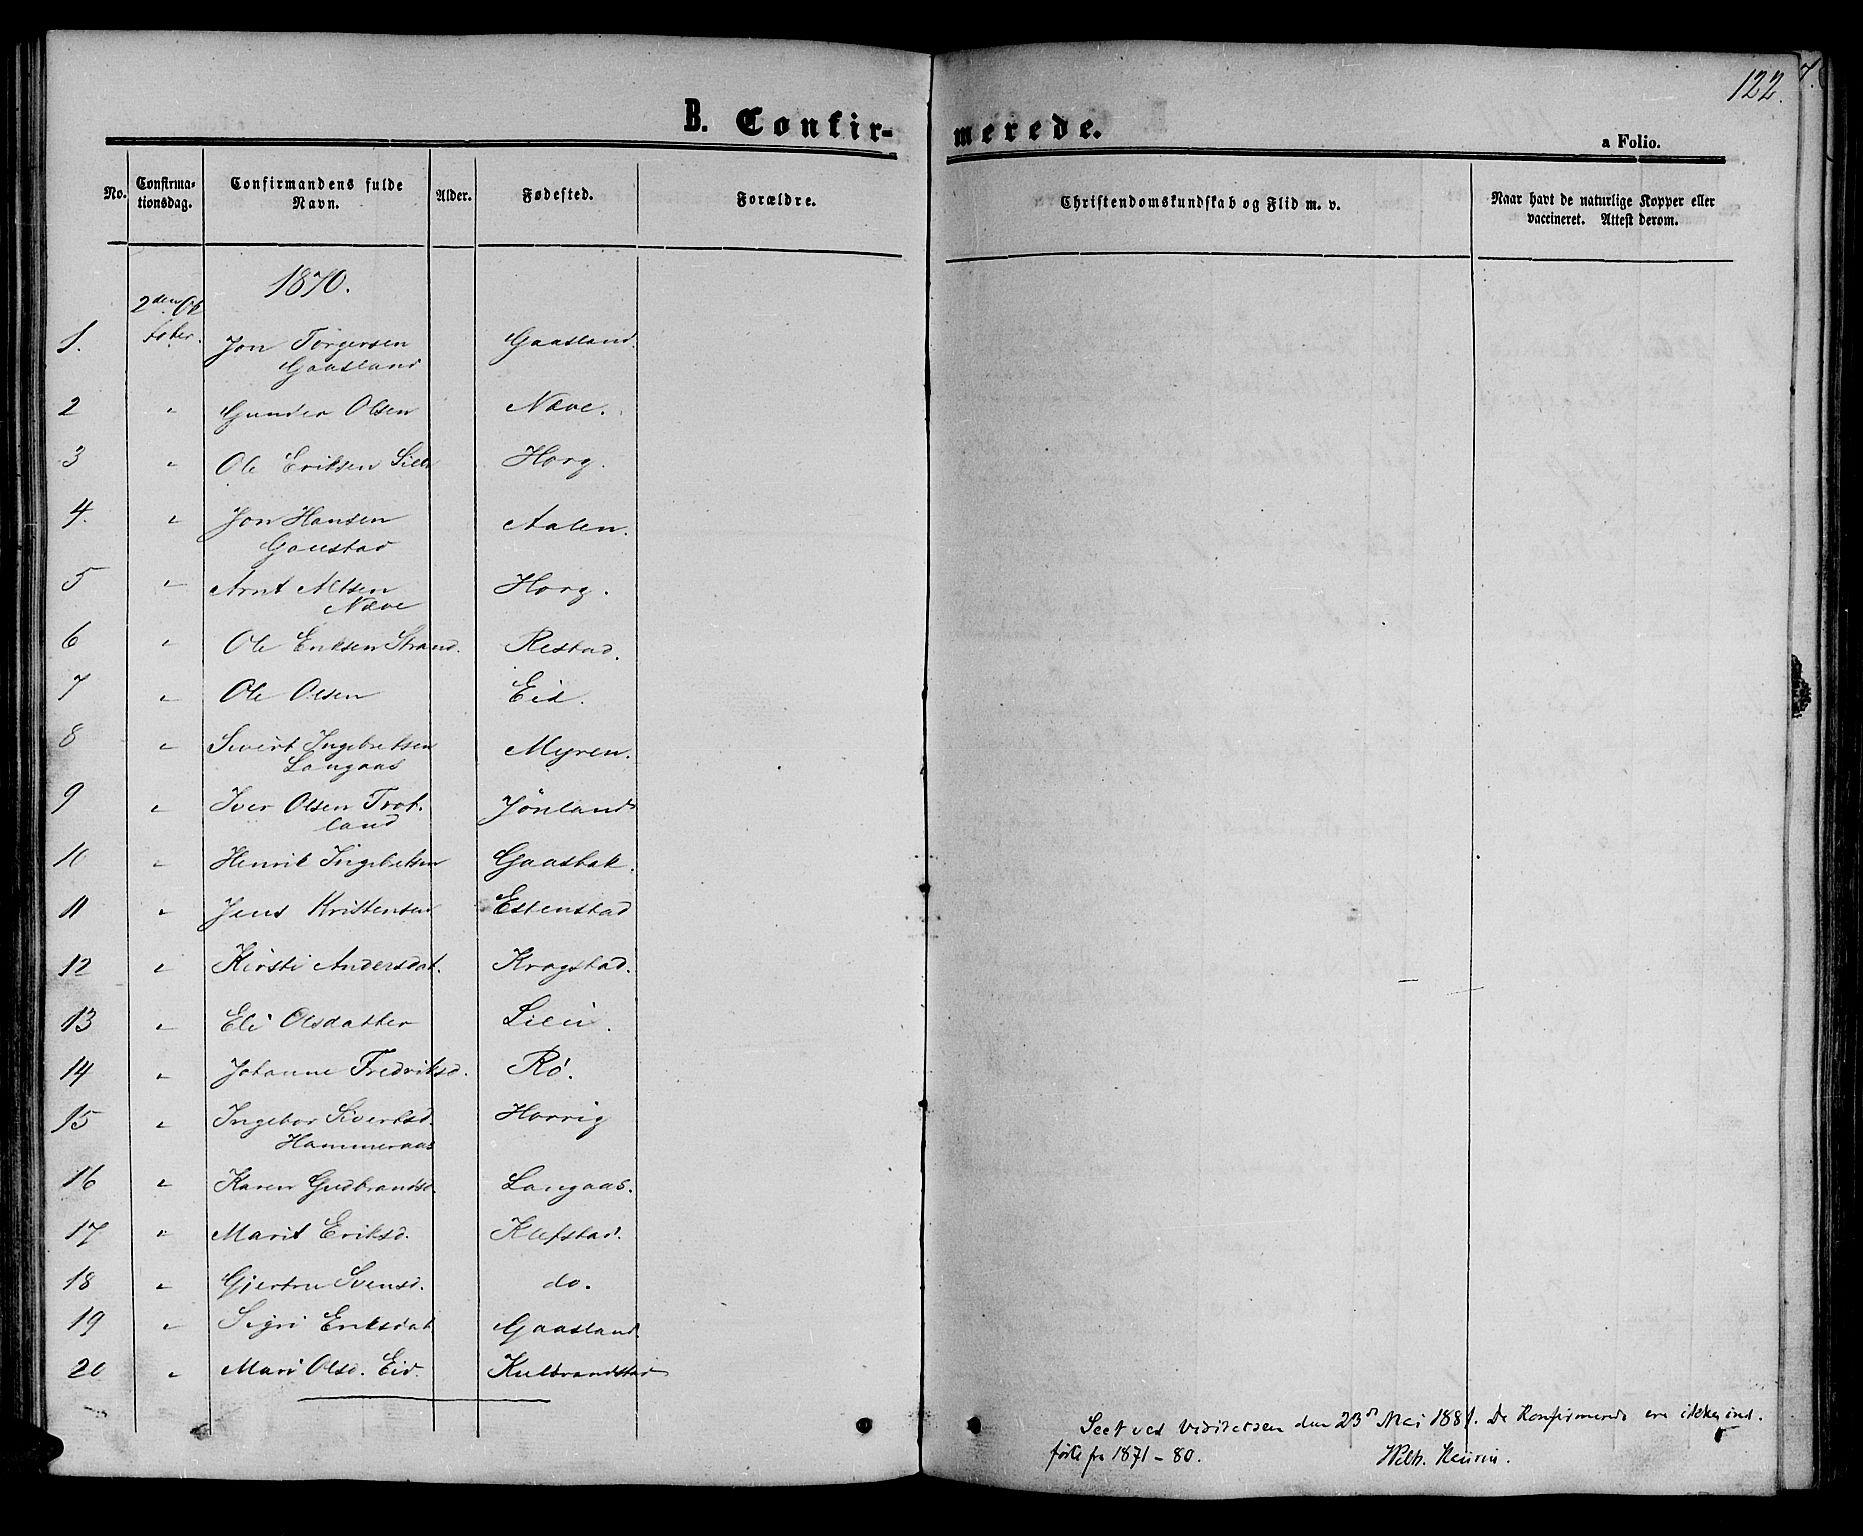 SAT, Ministerialprotokoller, klokkerbøker og fødselsregistre - Sør-Trøndelag, 694/L1131: Klokkerbok nr. 694C03, 1858-1886, s. 122